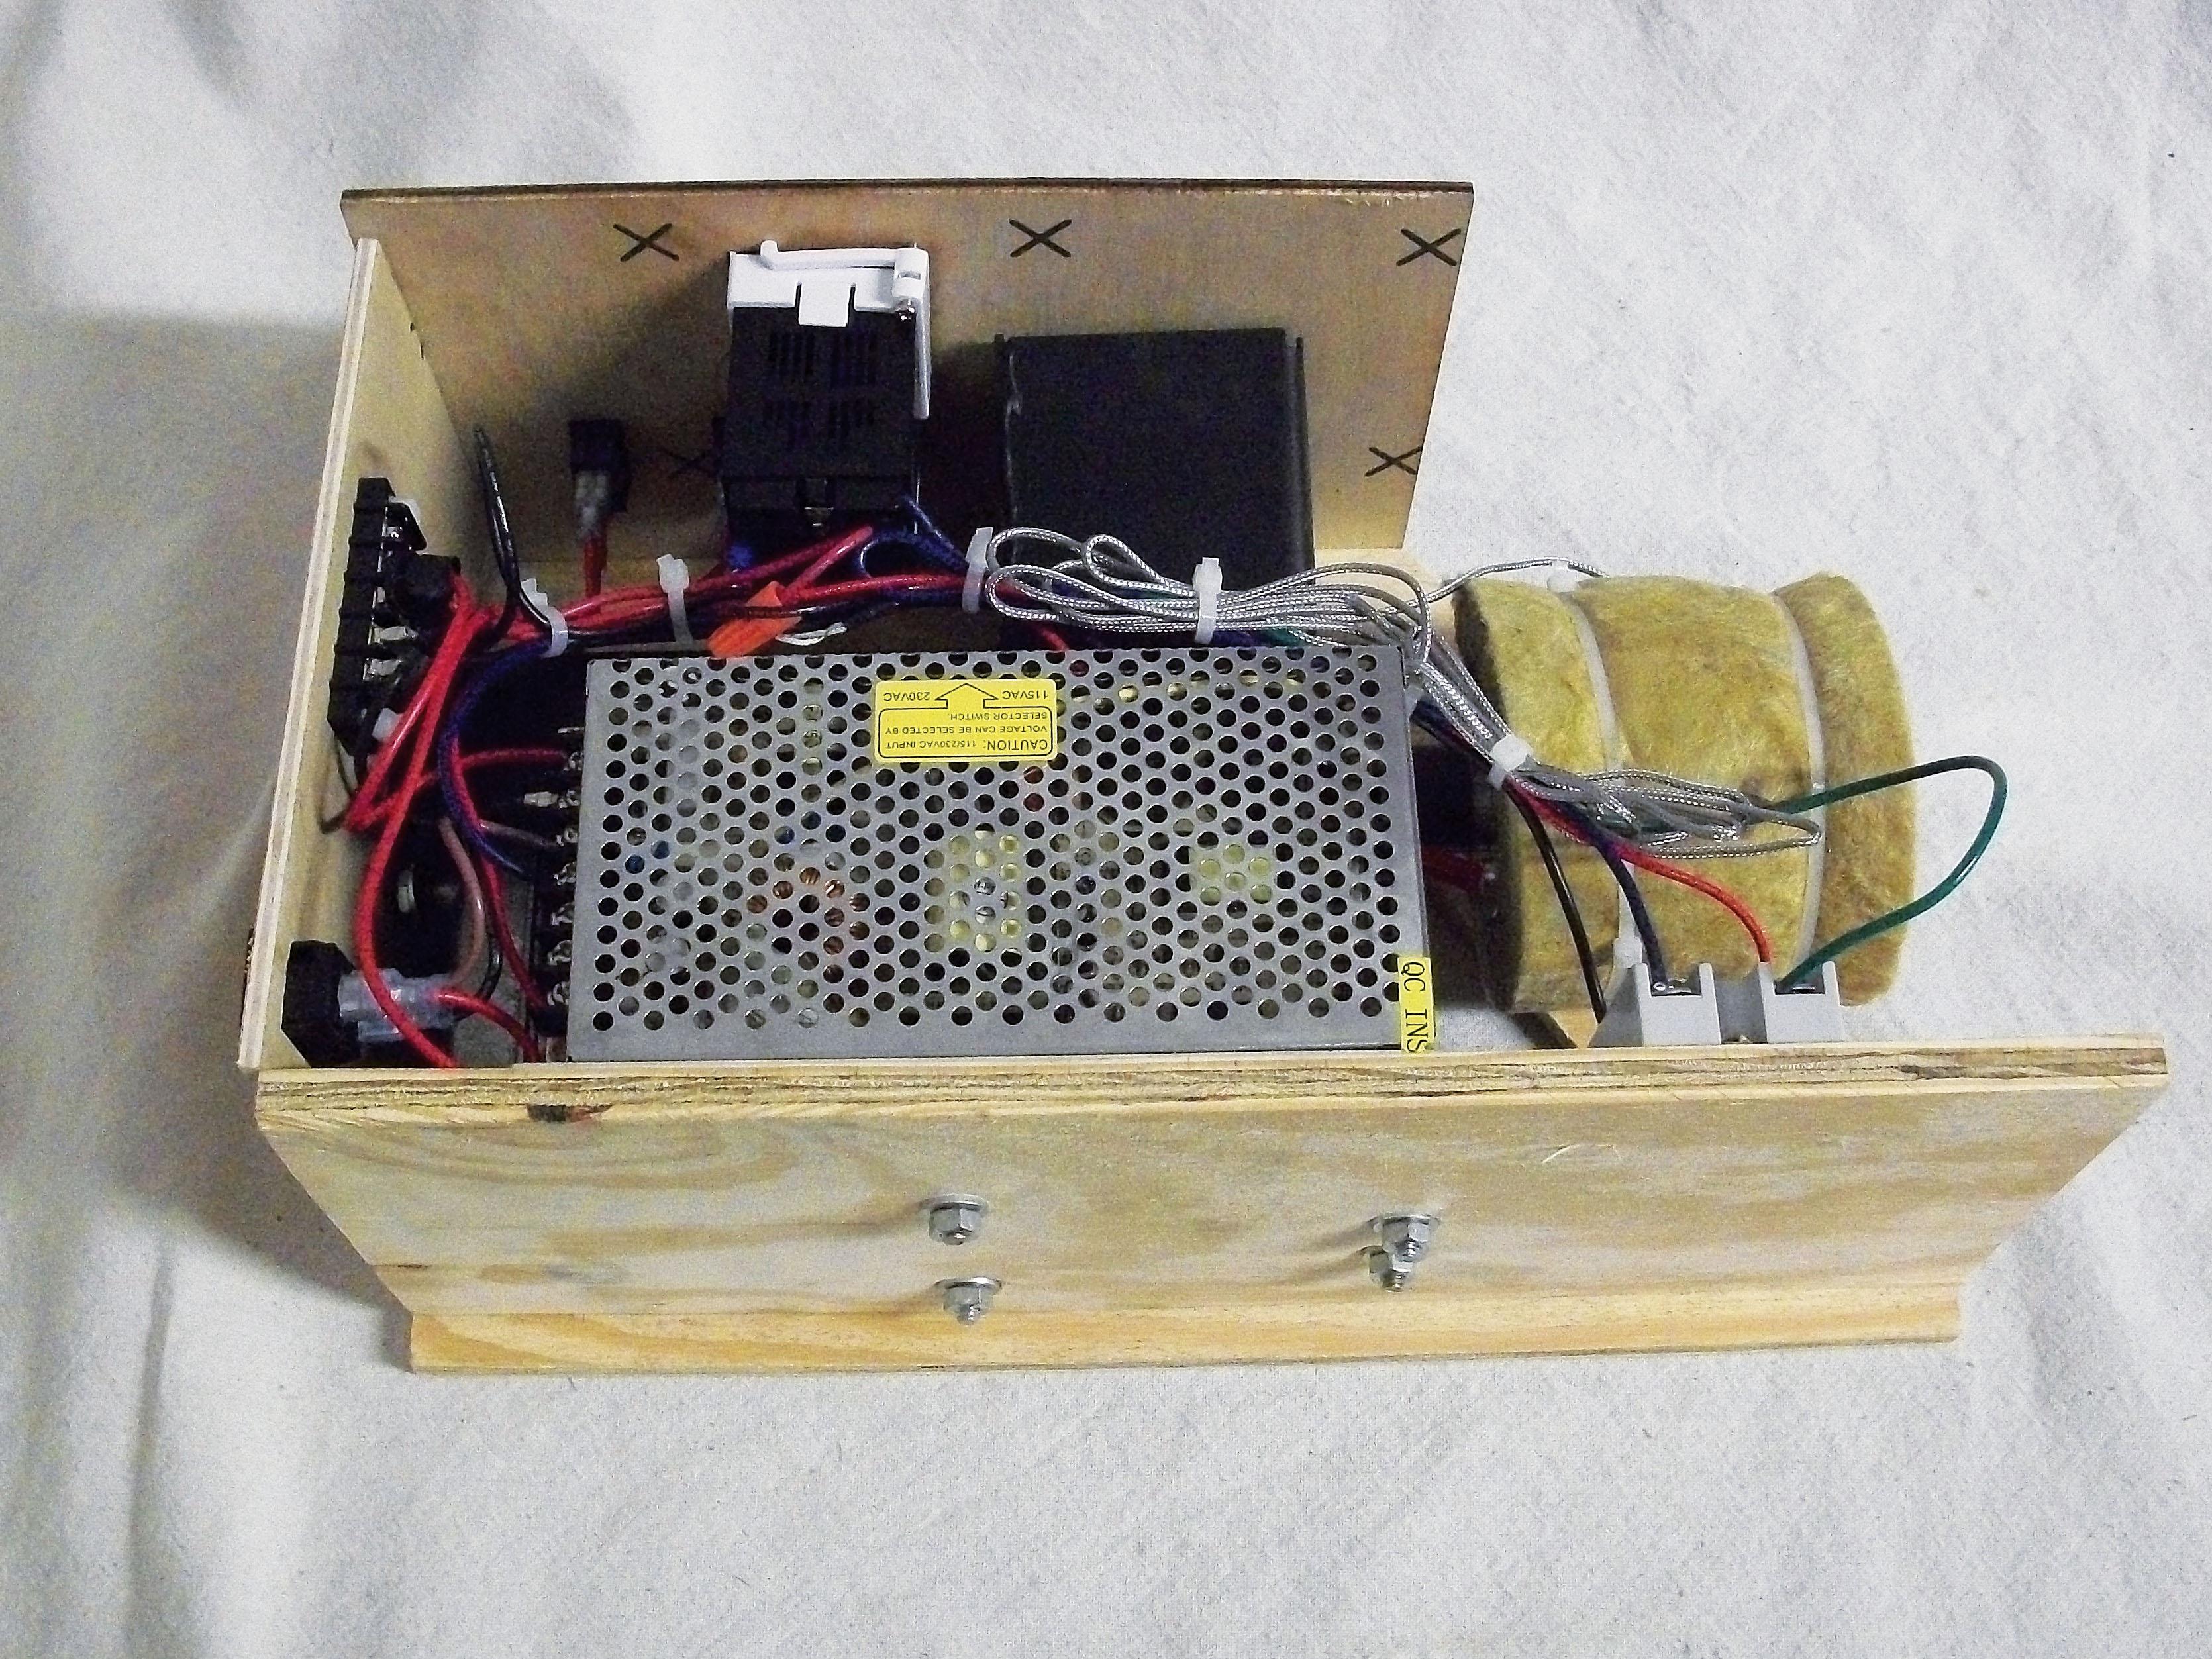 DIY Filament Extruder